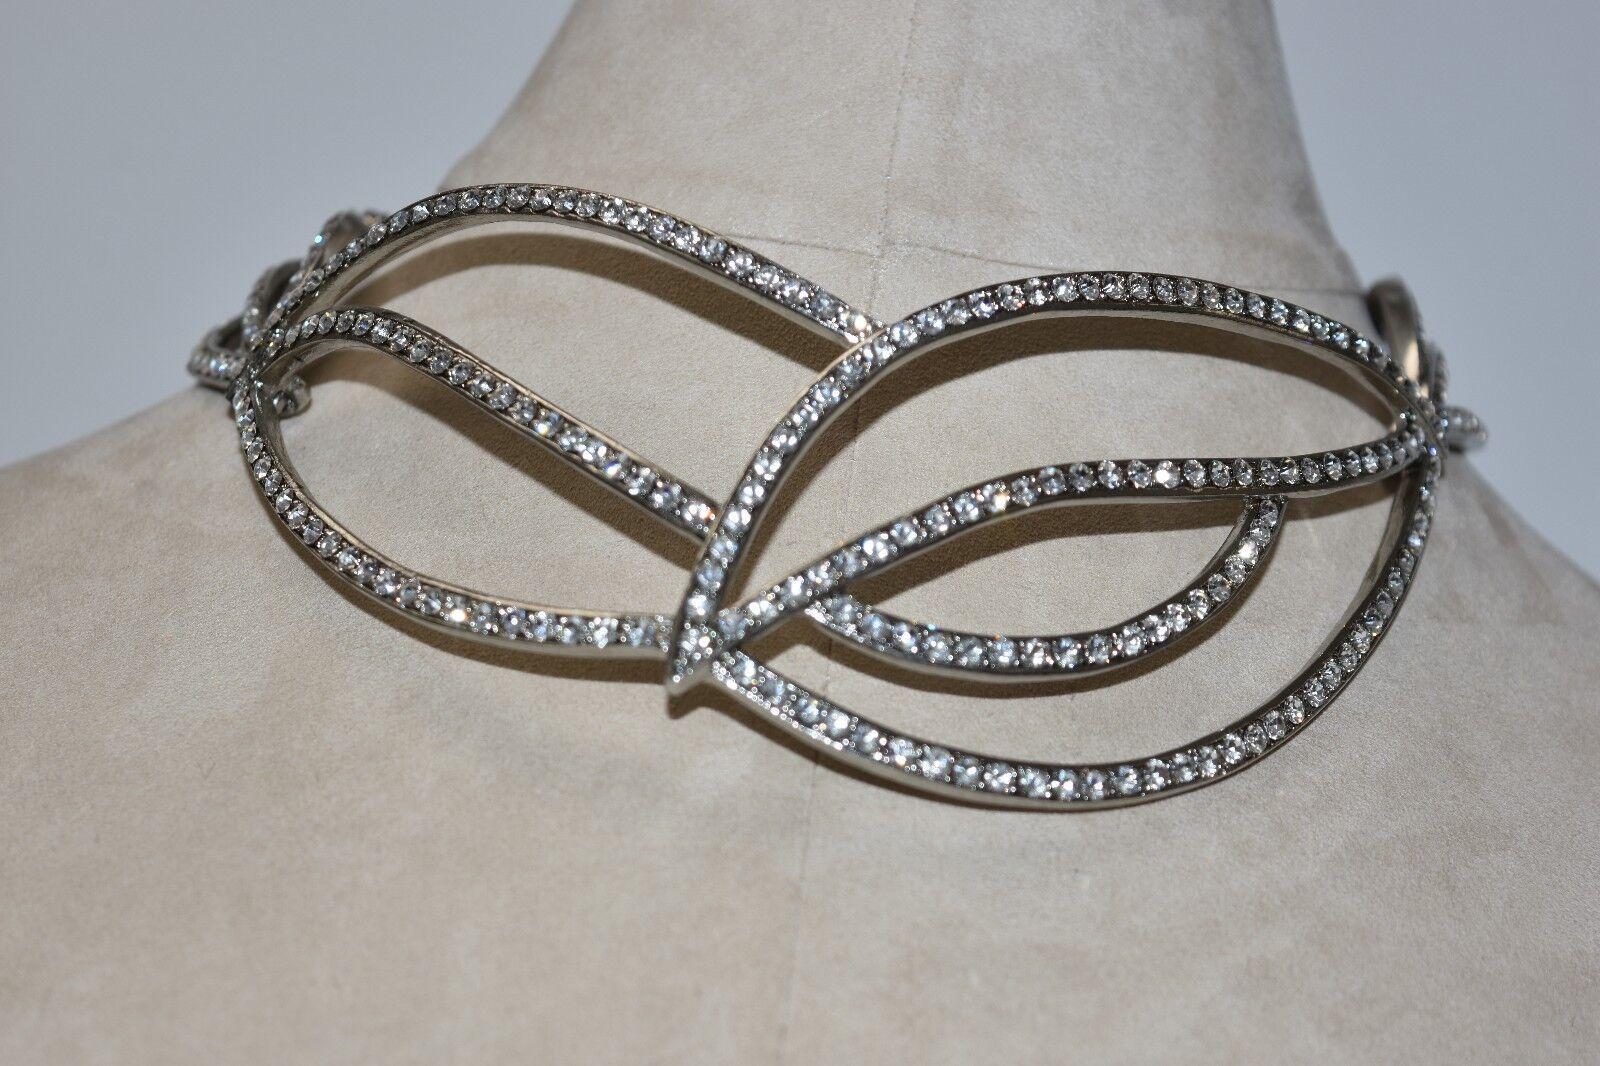 Nuova Oscar De la Renta argentoo Collana Grande Collare Collare Collare Gioielli Cristalli abe865